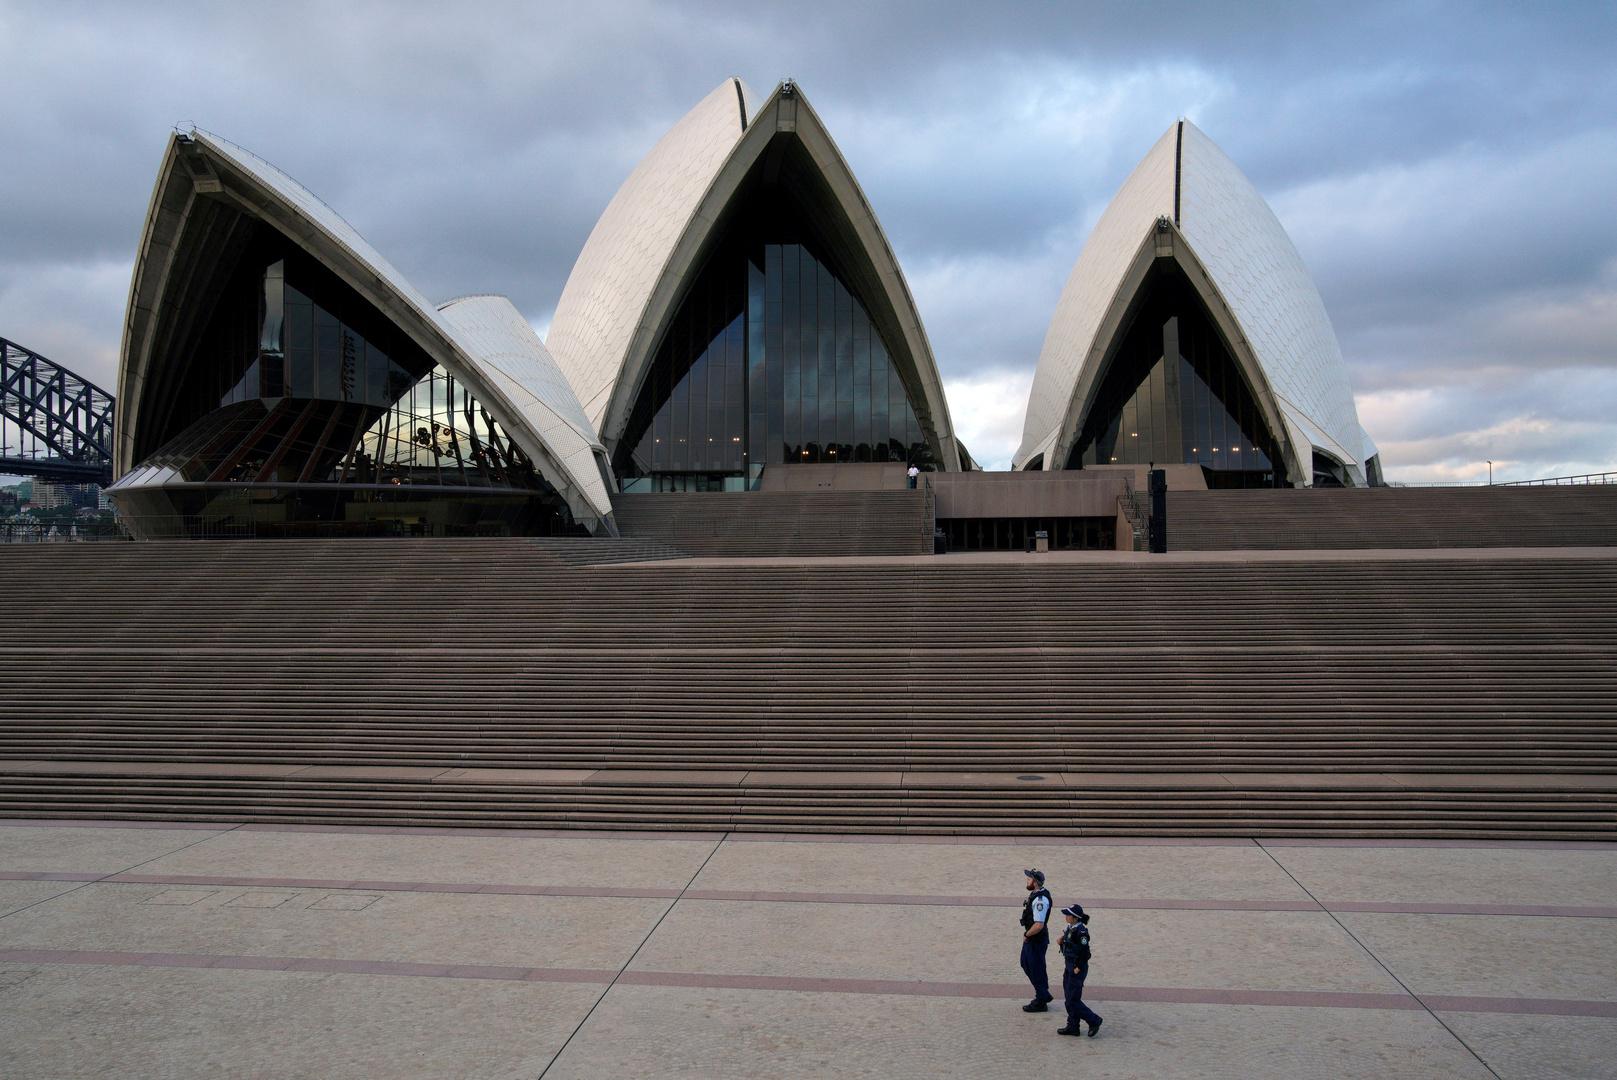 بعد إنخفاض عدد الإصابات.. أستراليا قد تخفف إجراءات العزل مبكرا